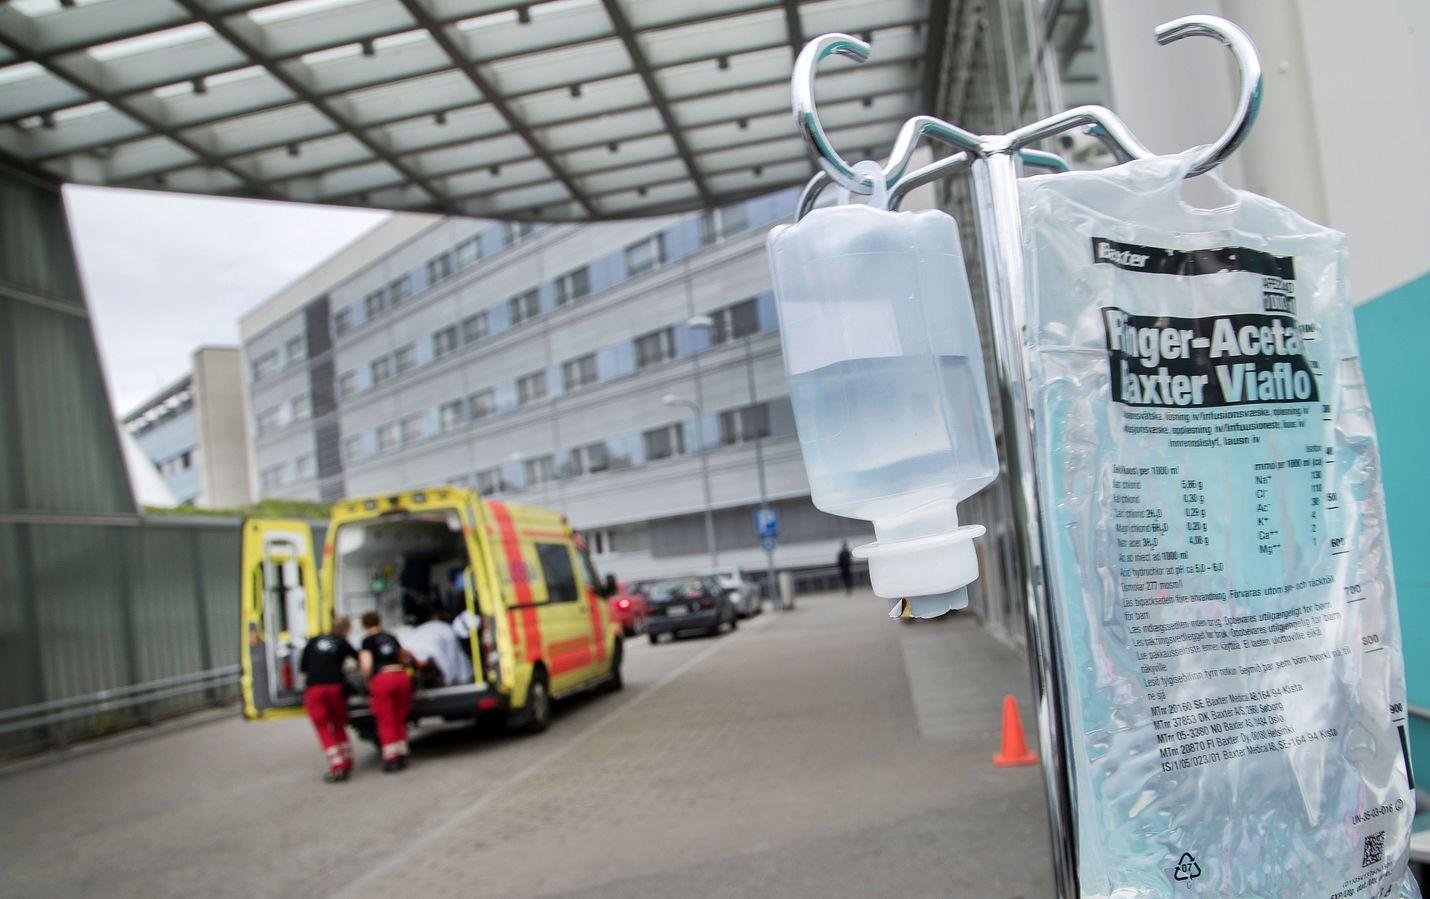 Helsingissä on vahvistettu toinen koronavirukseen sairastunut. Työikäinen nainen kävi laboratoriokokeissa HUS:n sairaalassa, mutta on nyt kotonaan eristyksessä.